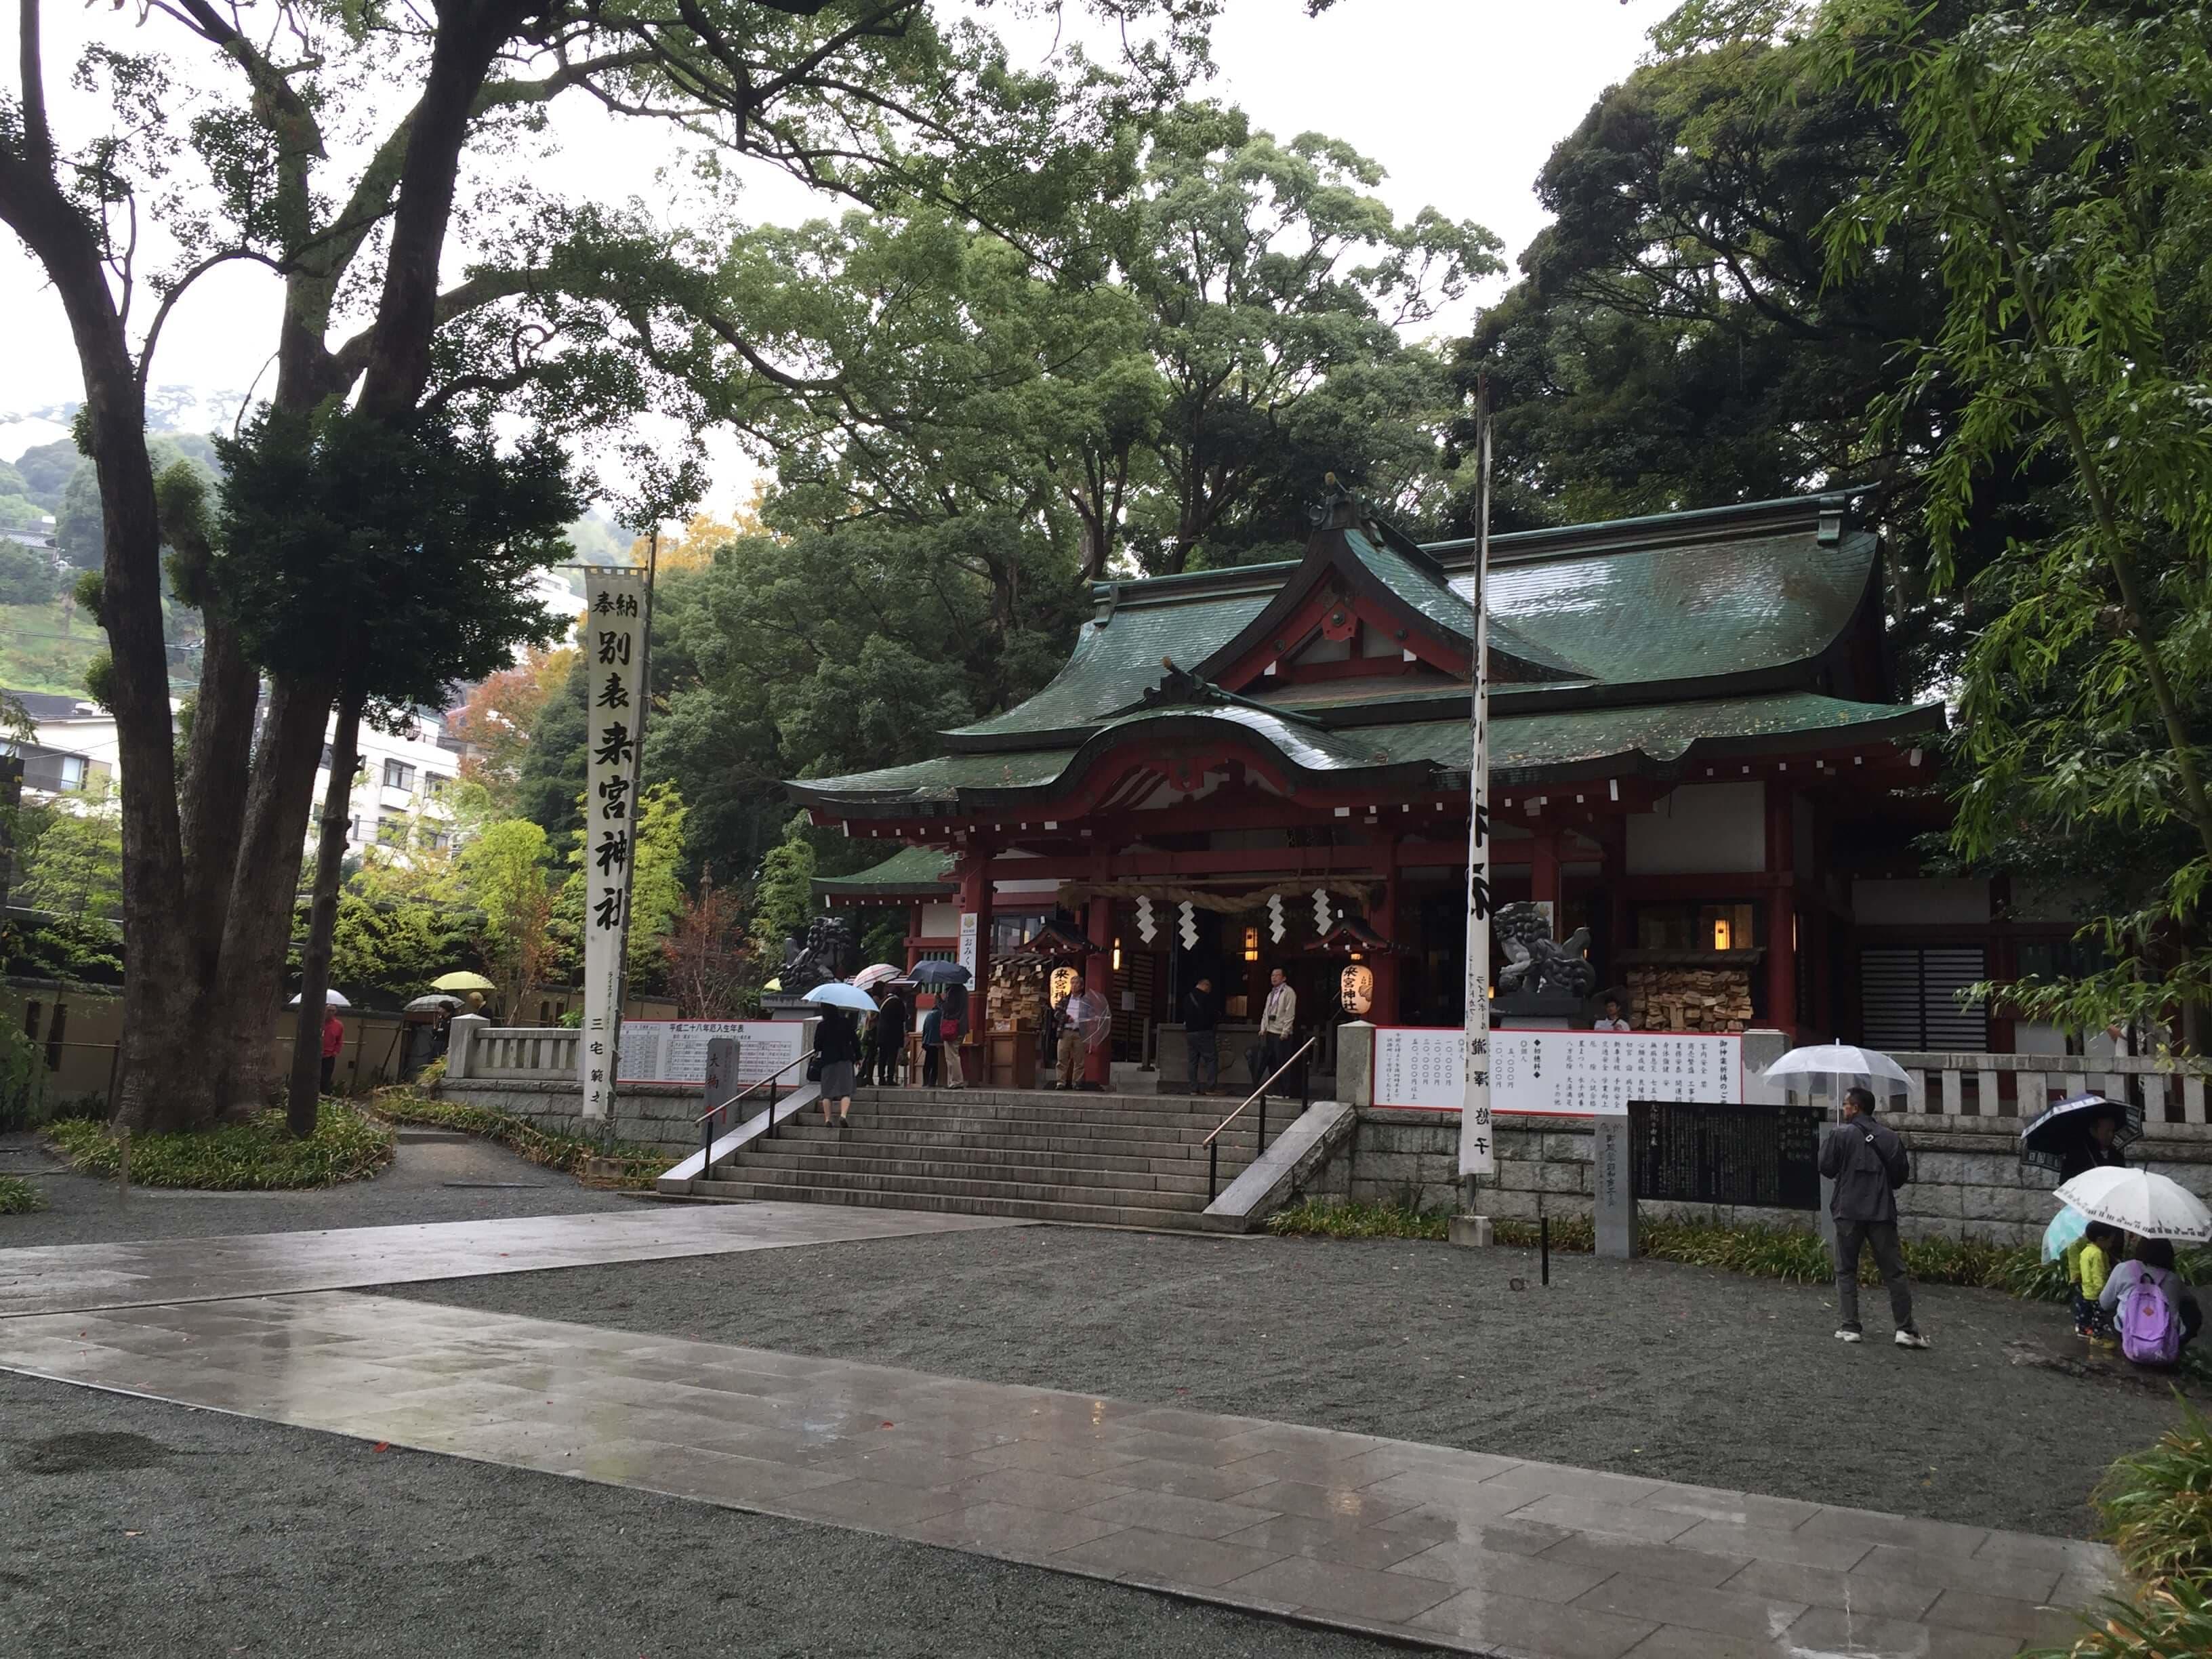 樹齢2,000年の大楠があるパワースポット「来宮神社」に行ってきました!